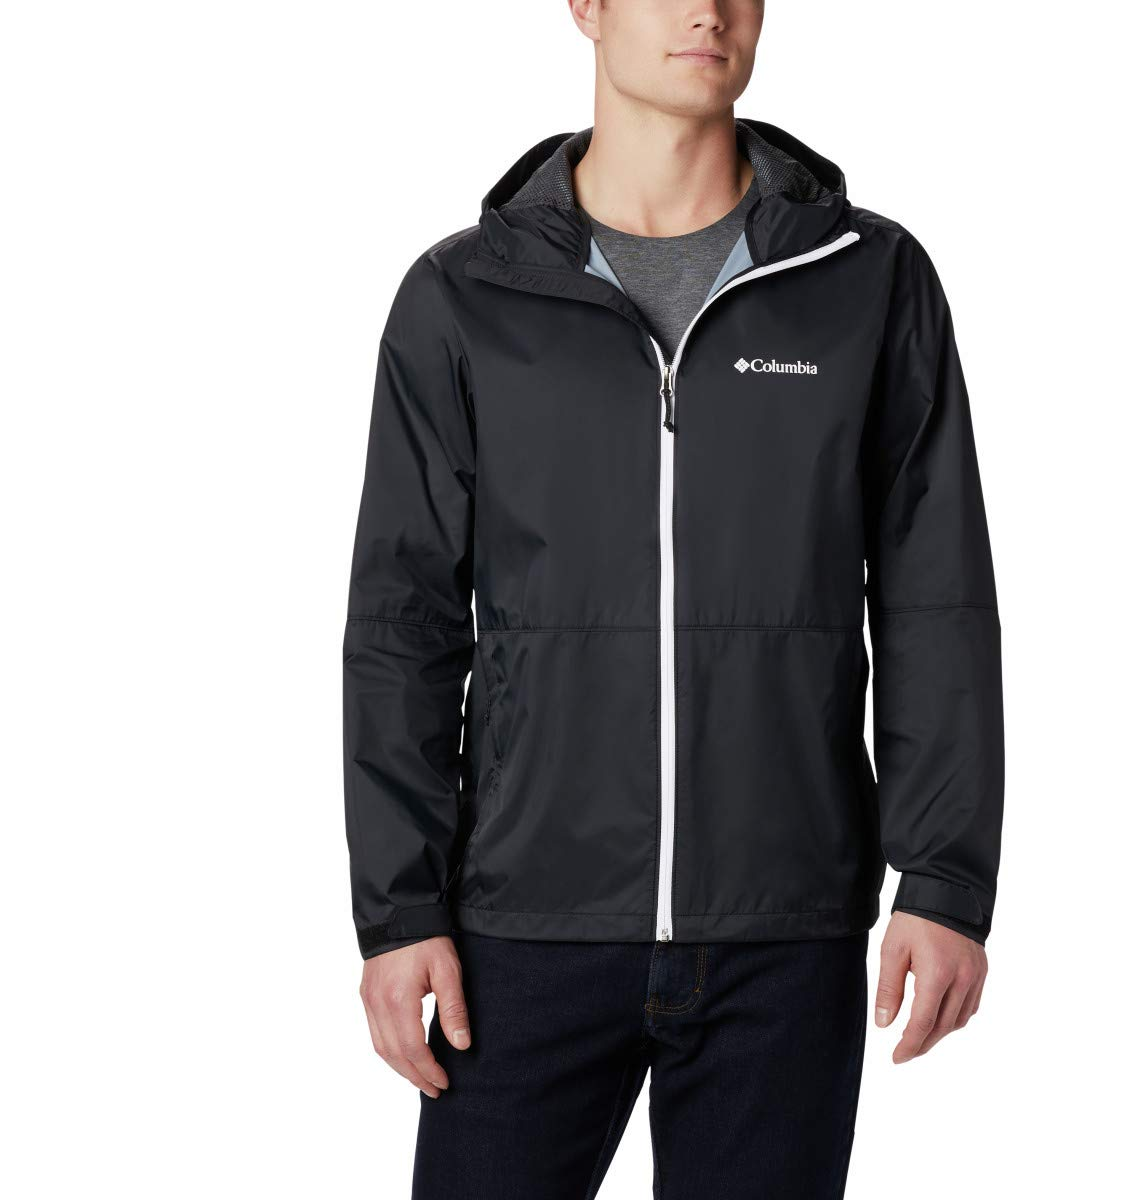 Columbia Men's Roan Mountain Jacket, Black/White, XX-Large